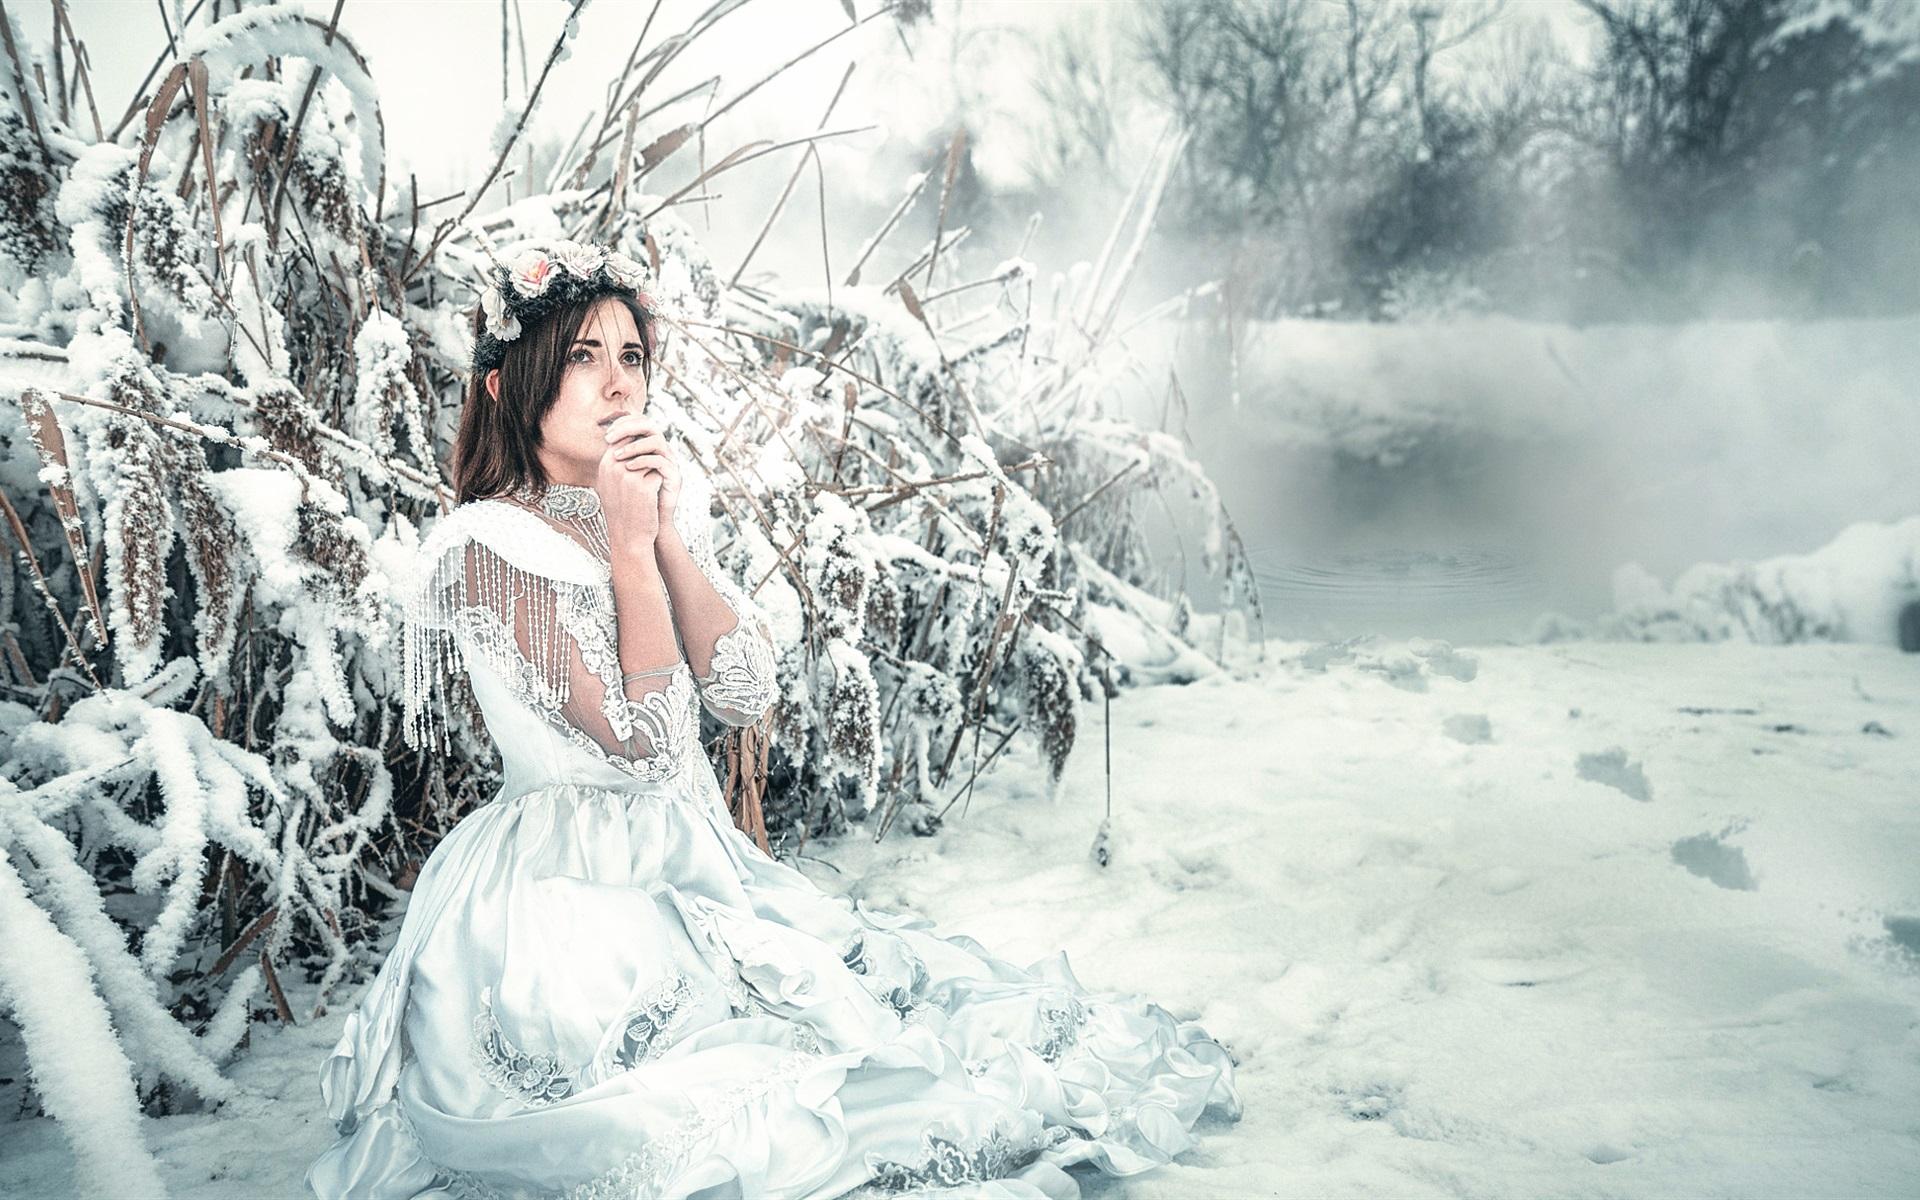 pretty nice 7a355 04e83 Weißes Kleid Mädchen im Winter, Schnee, kalt 1920x1200 HD ...